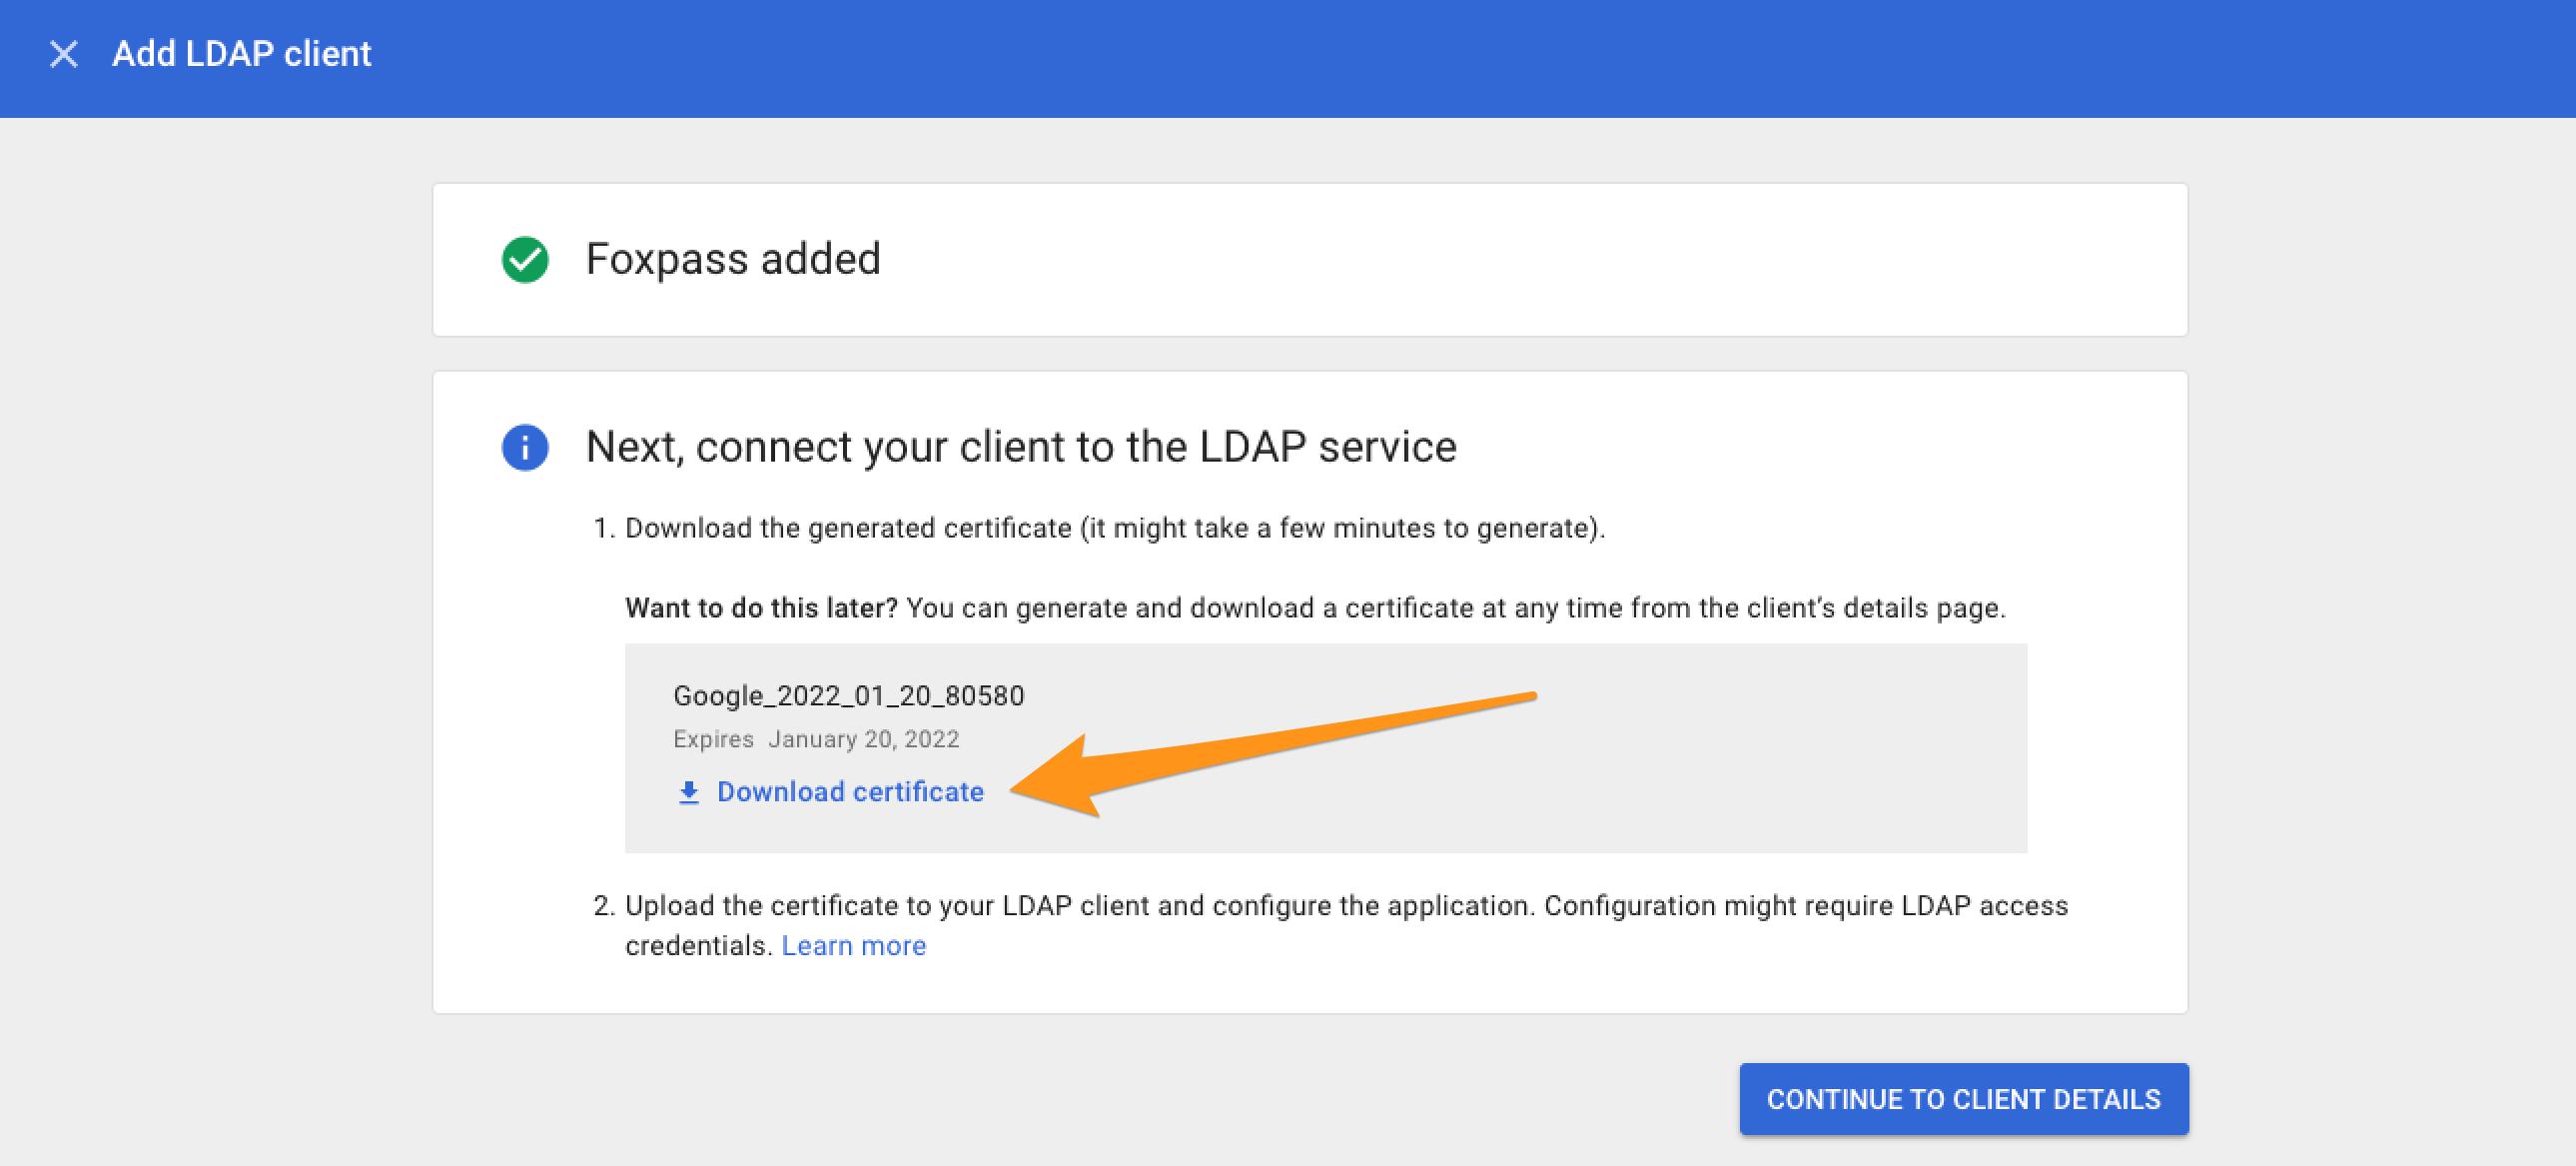 G Suite LDAP / Foxpass password delegation